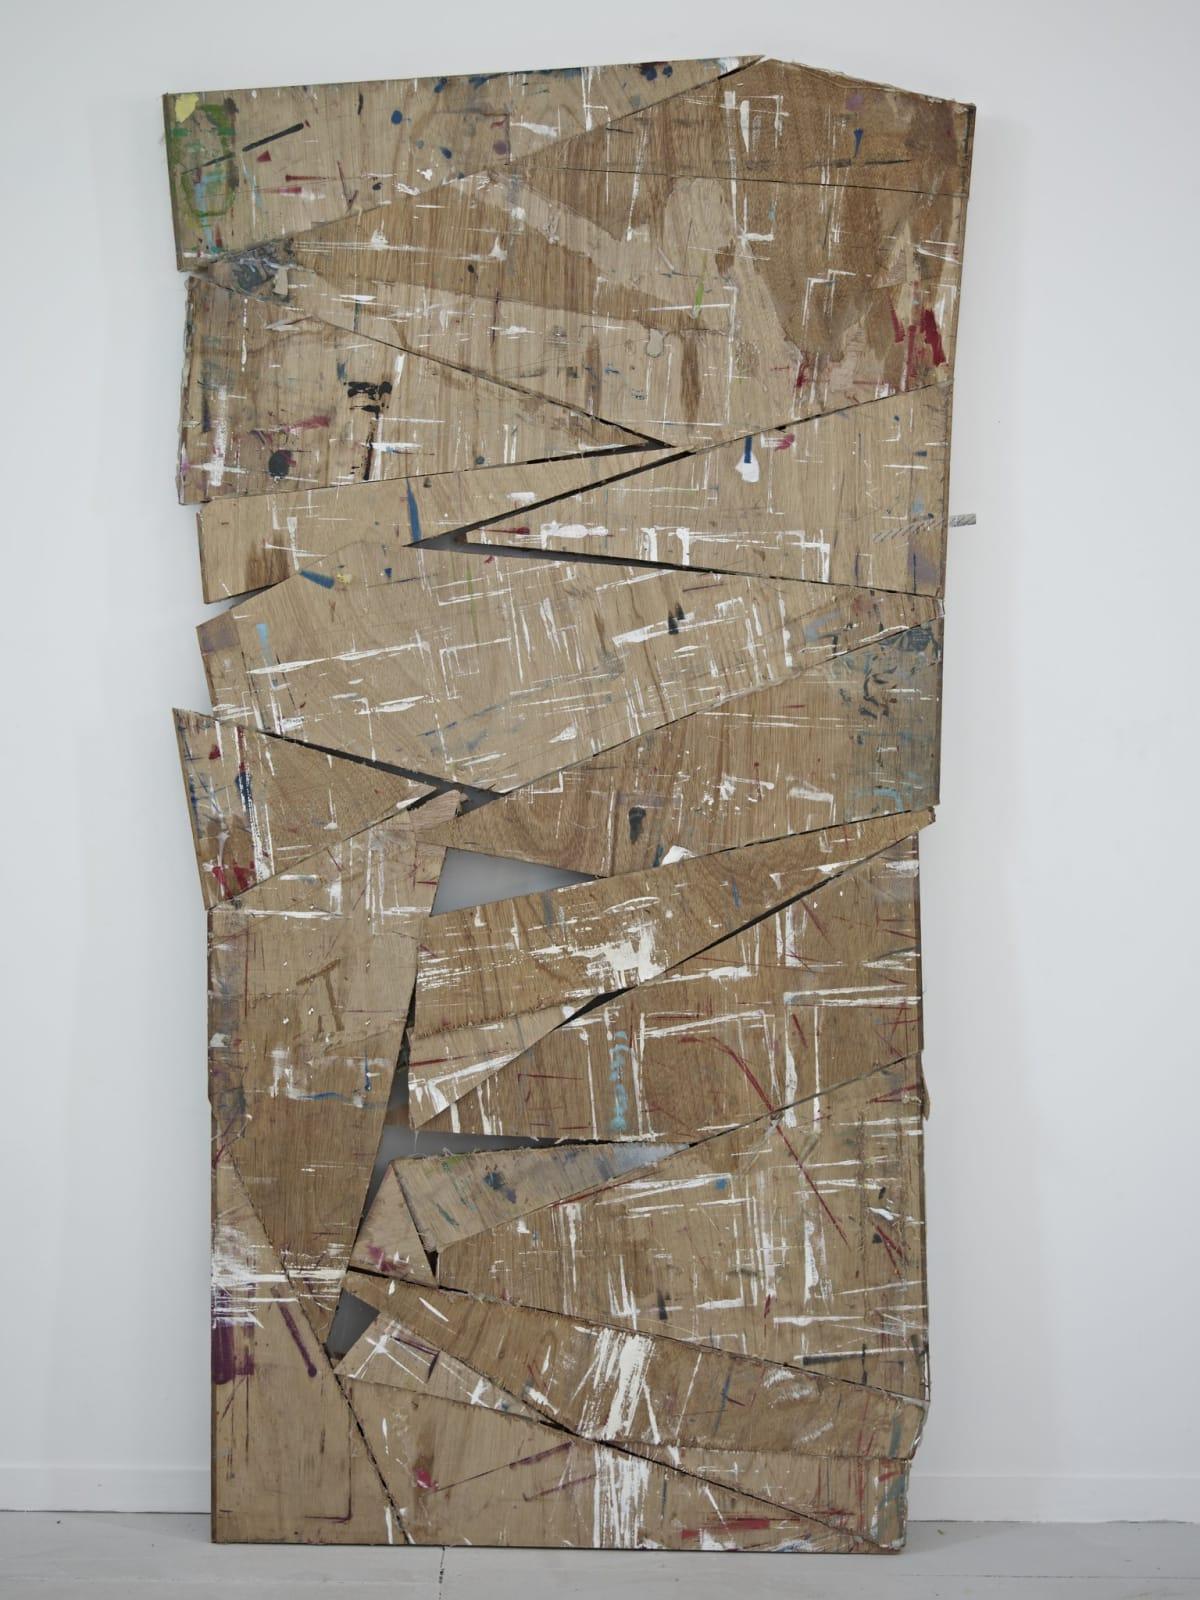 Paul Merrick, Untitled (Studio Door), 2013